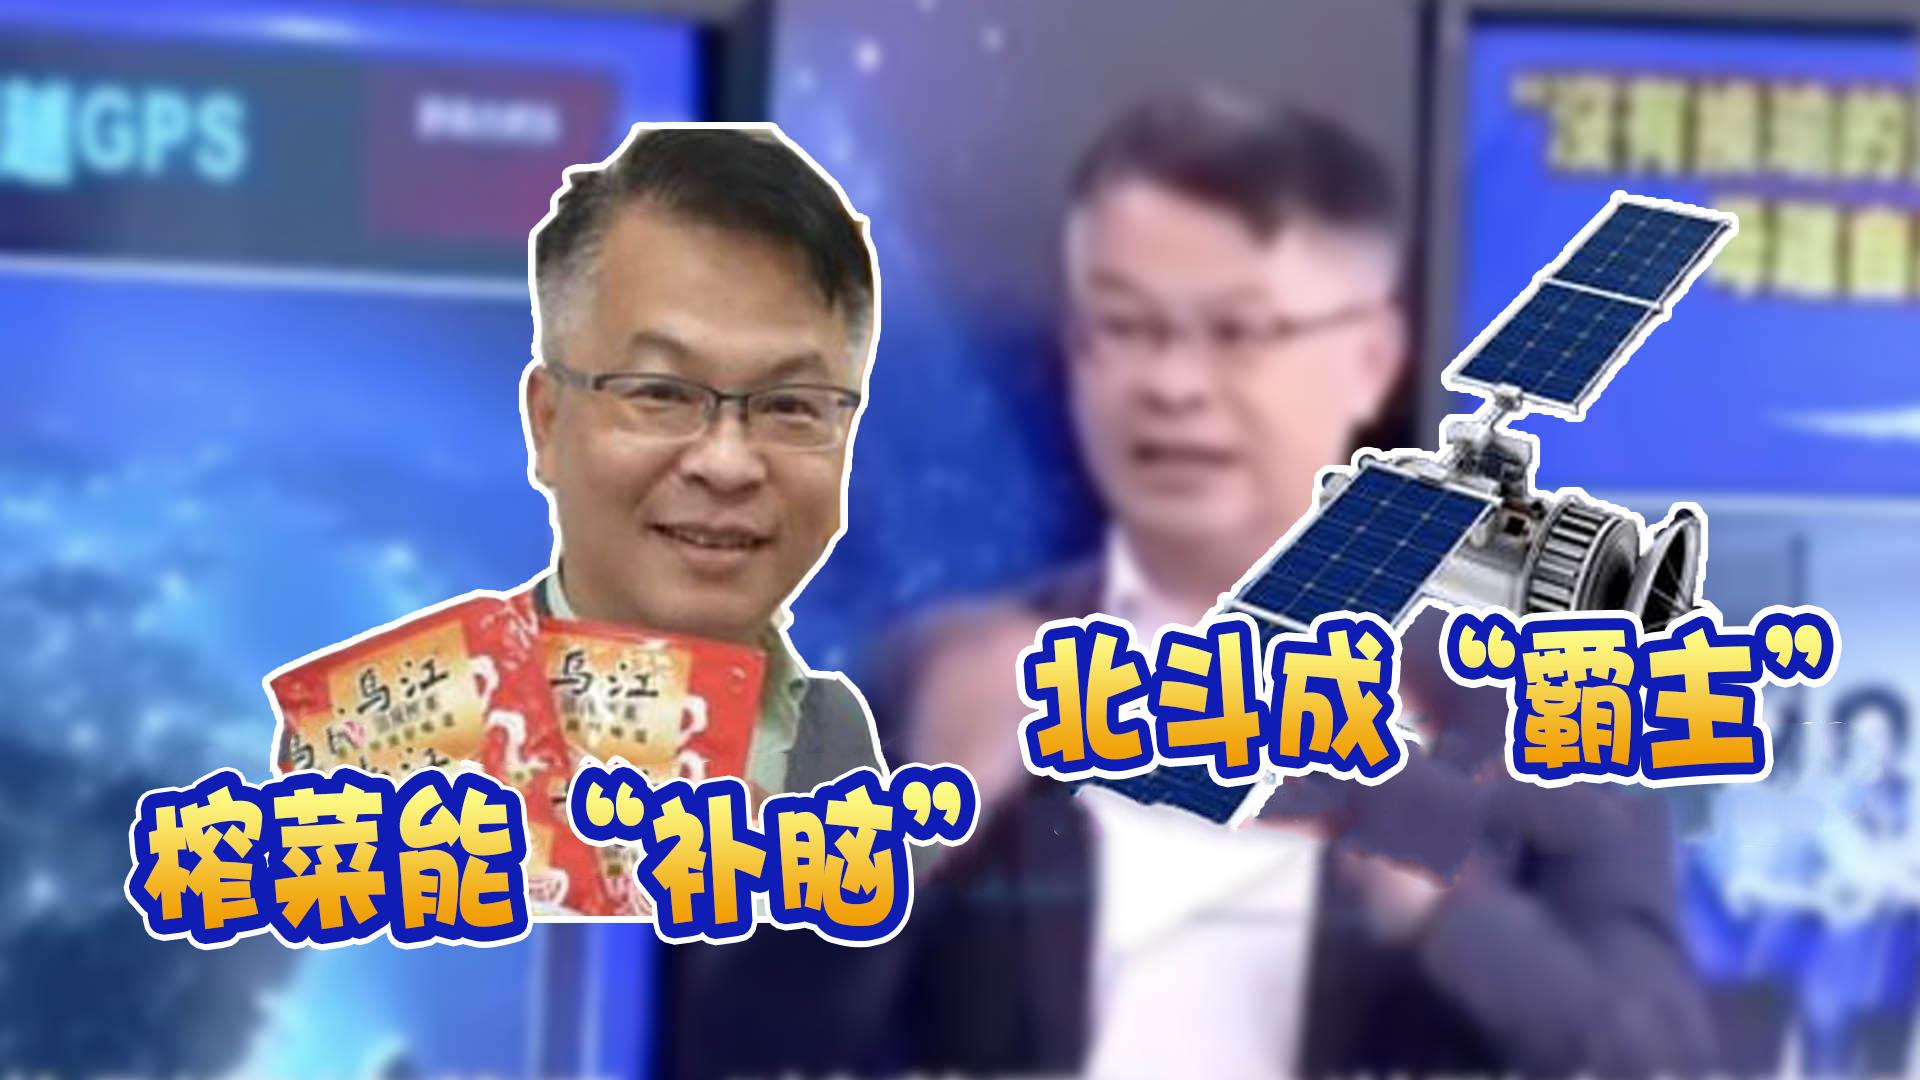 """台湾""""榨菜哥""""又开始吹捧大陆卫星、核电站,网友:统一就能有!图片"""